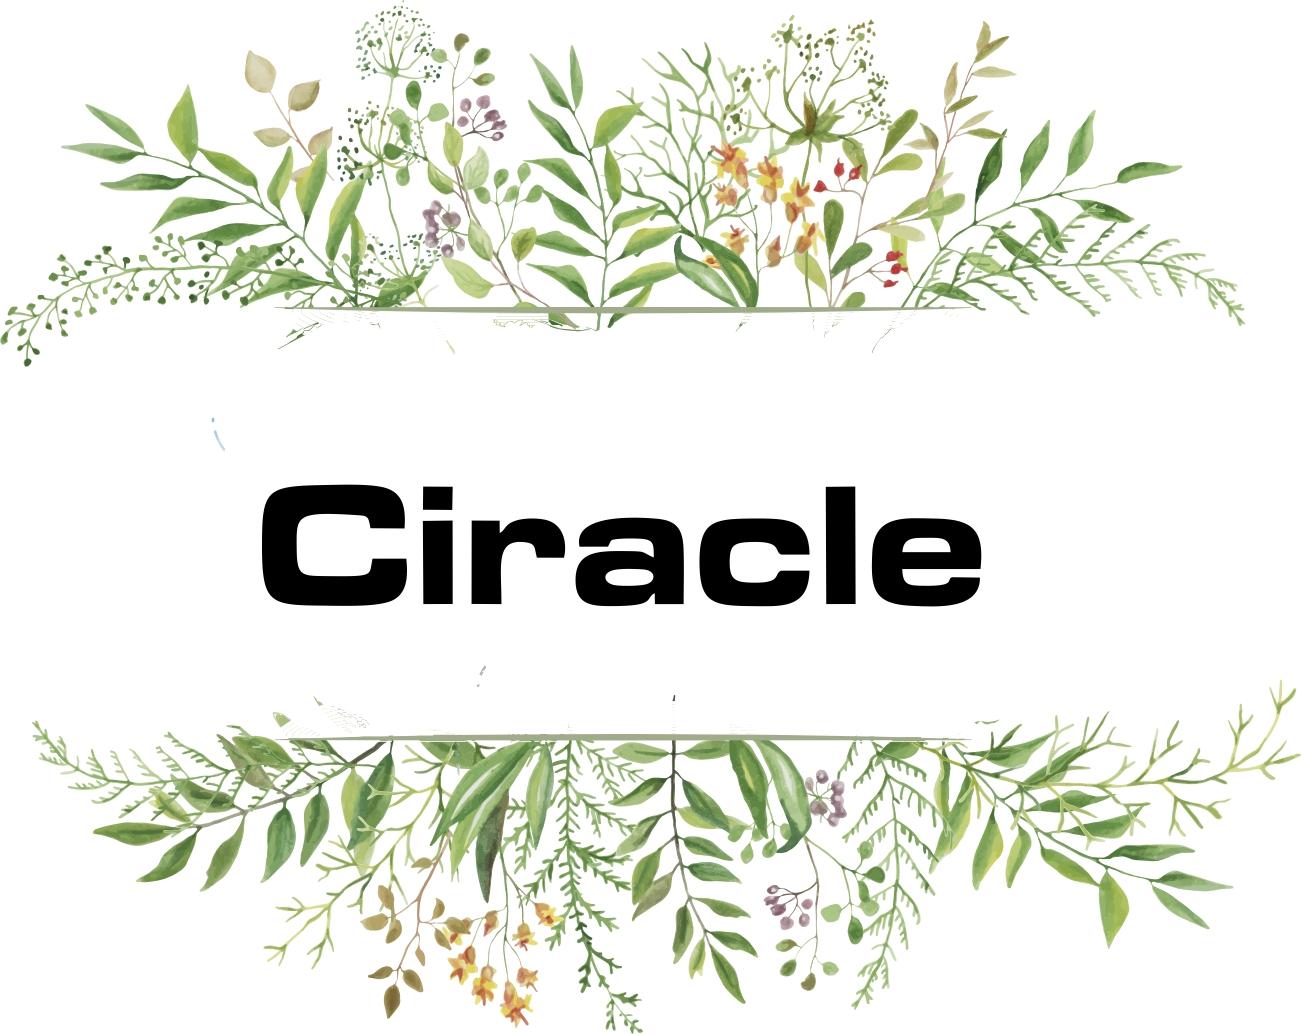 Купить Ciracle в магазине корейской косметики liuiu.ru